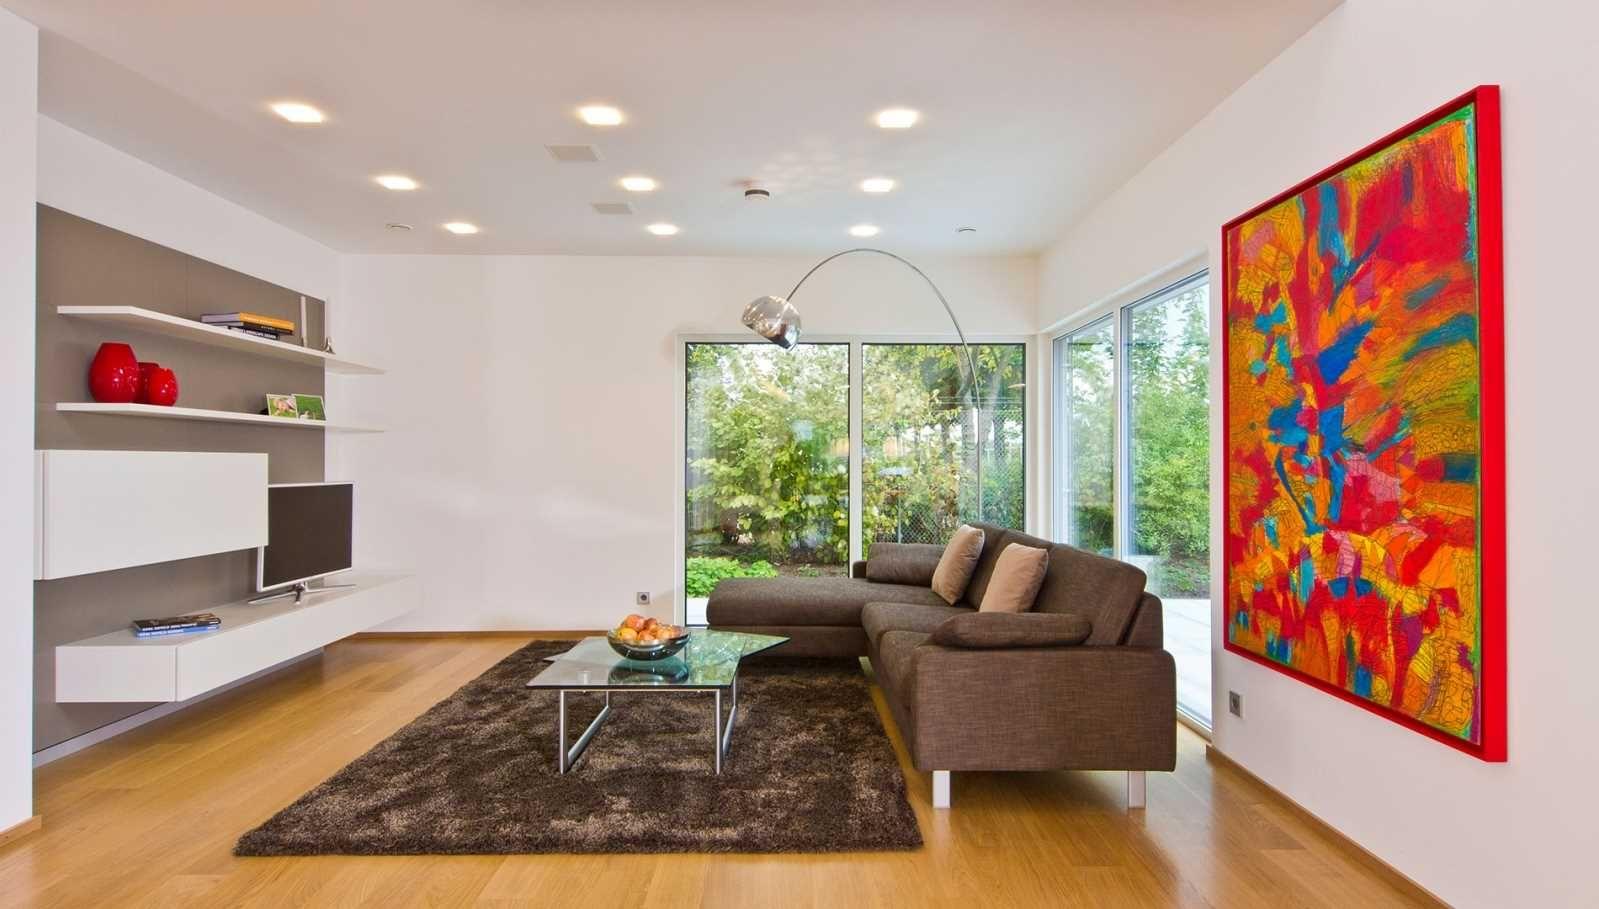 Musterhaus inneneinrichtung  Musterhaus Future Mannheim | casa 161 | Pinterest | Mannheim